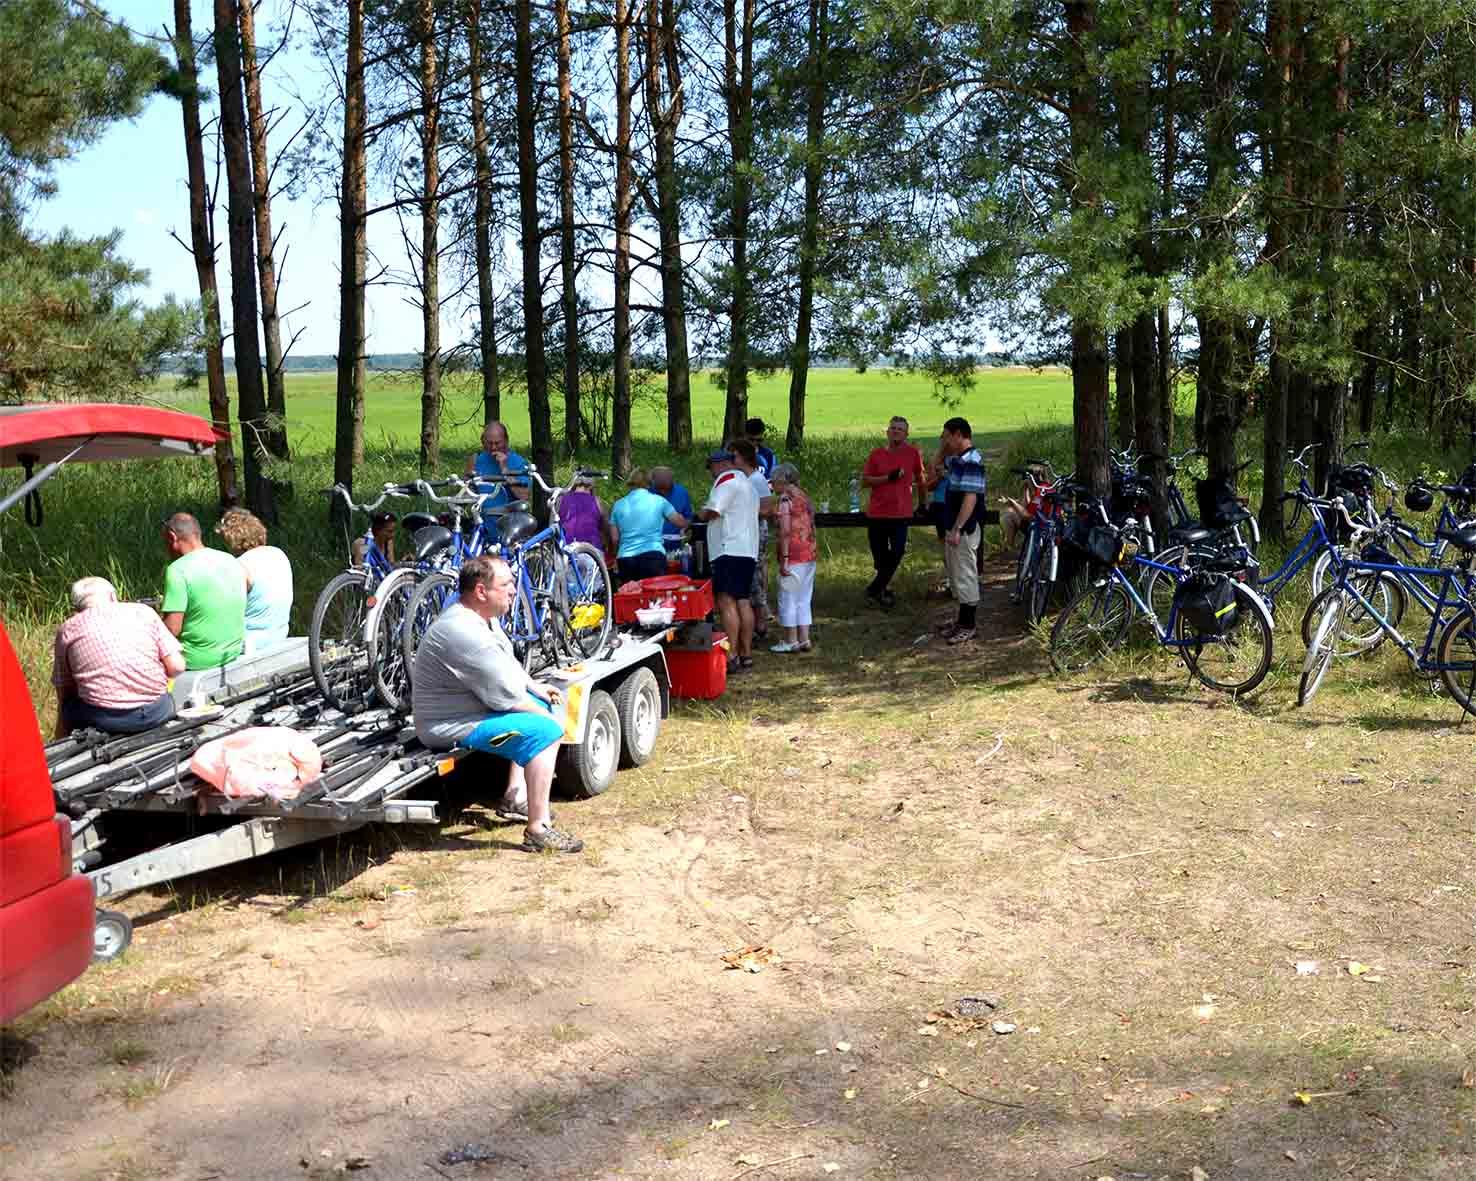 Radreise Polen, Weißrussland, BMNP, Fot. 5, A. Szorc